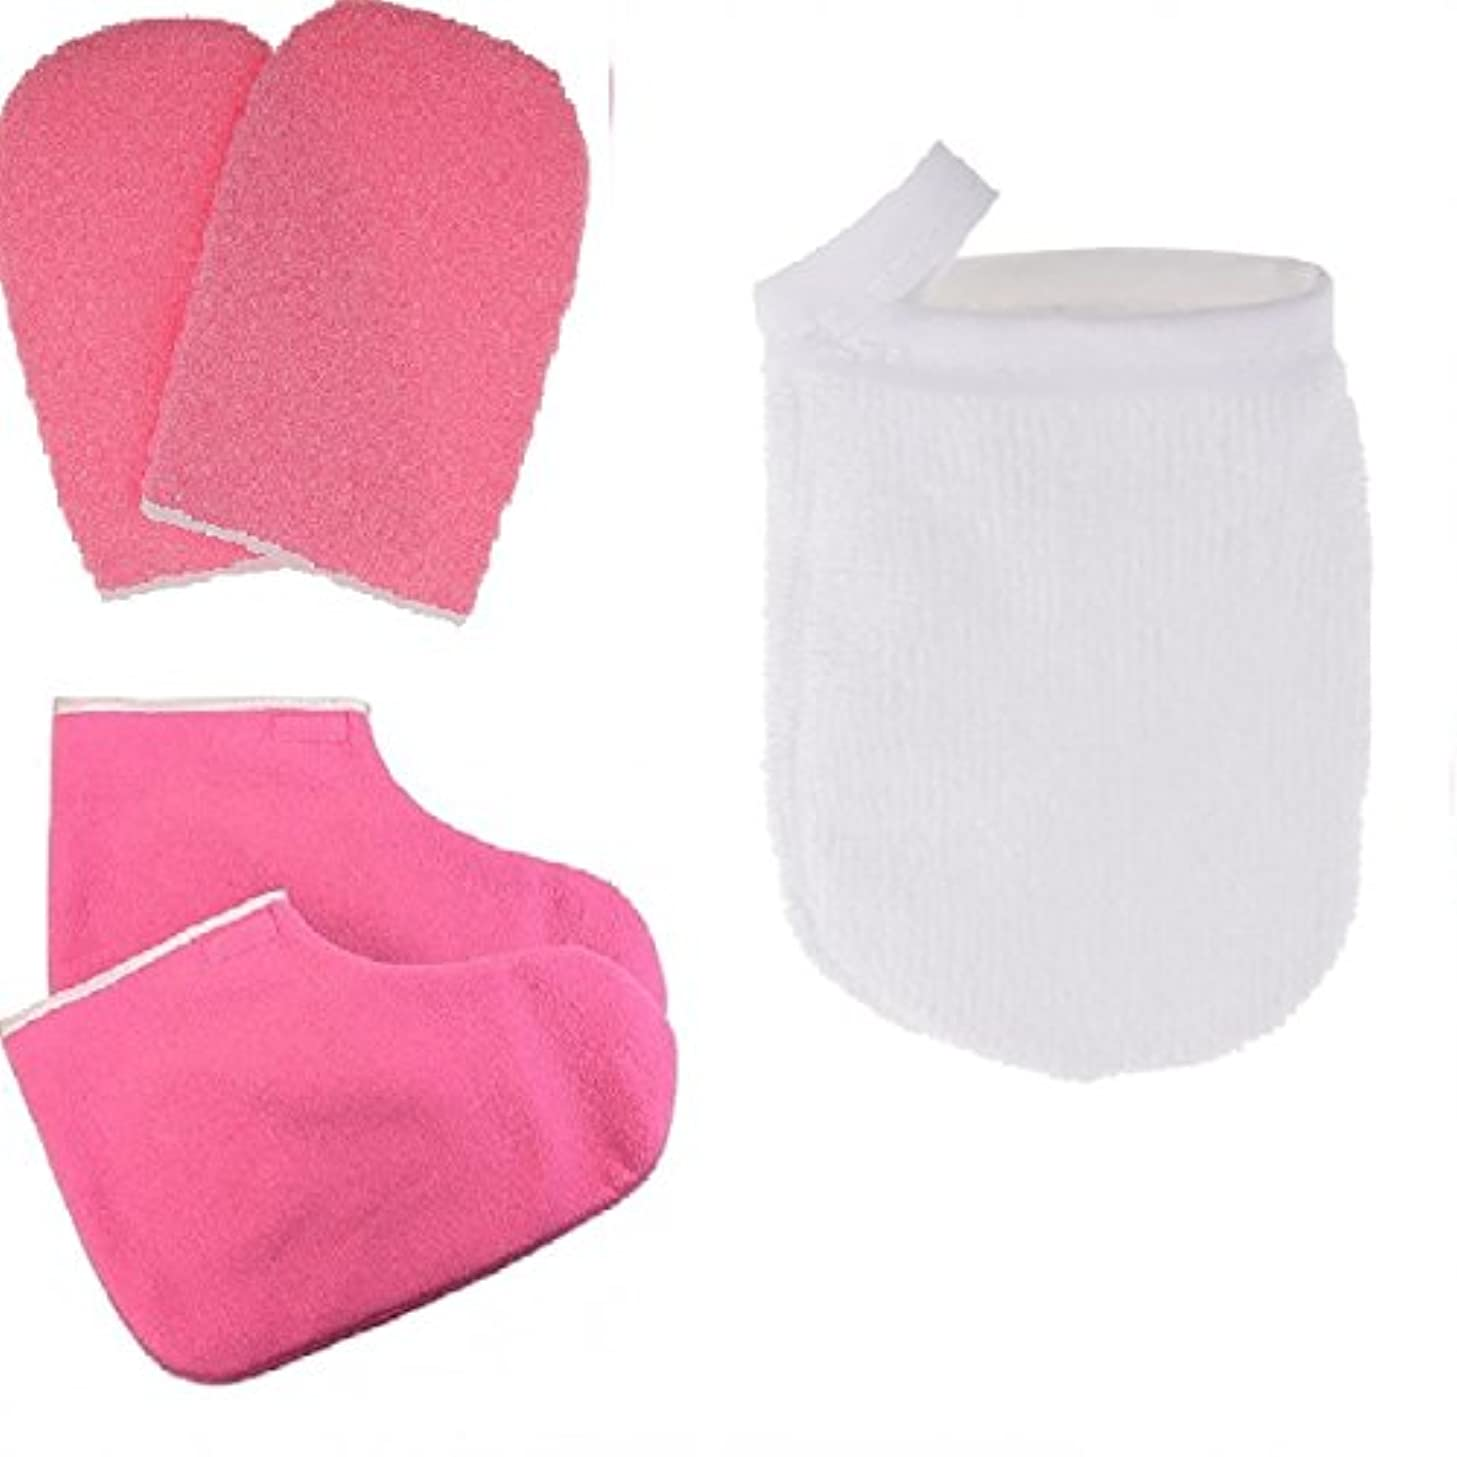 すぐに南舌Fenteer パラフィンワックス手袋 グローブ 保護手袋 クレンジンググローブ メイクリムーバー パッド